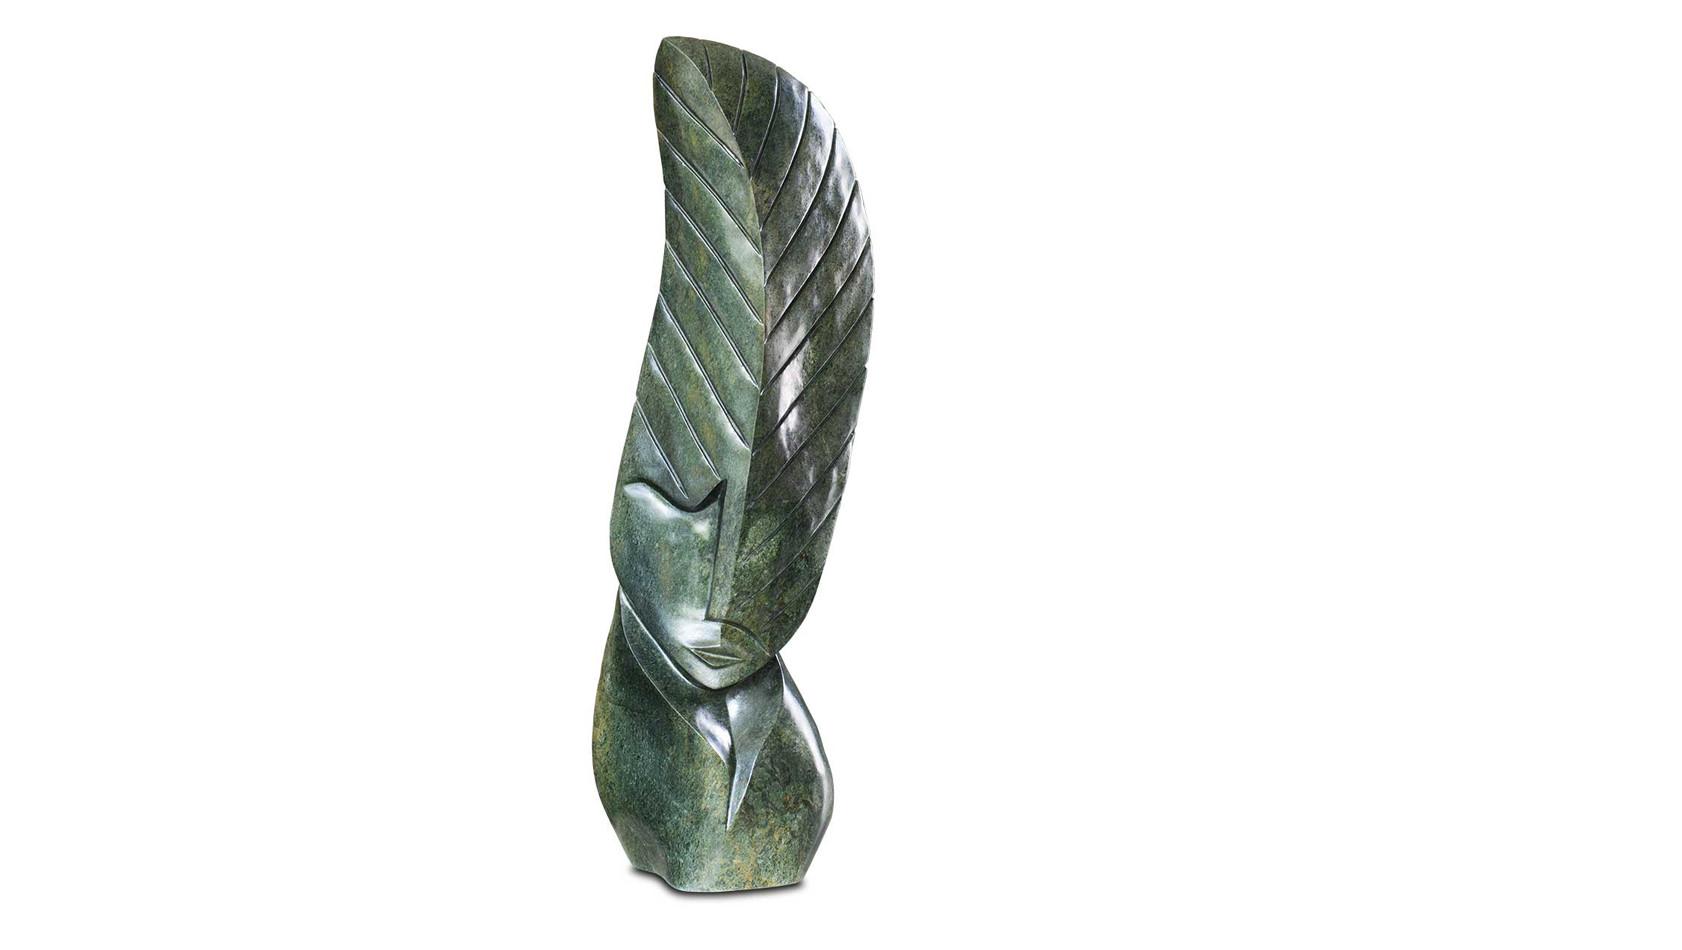 """Große Shona Art Stein Skulptur """"Baum des Lebens"""" handgefertigt aus grünem Serpentine Stein. Unikat, Signiert."""